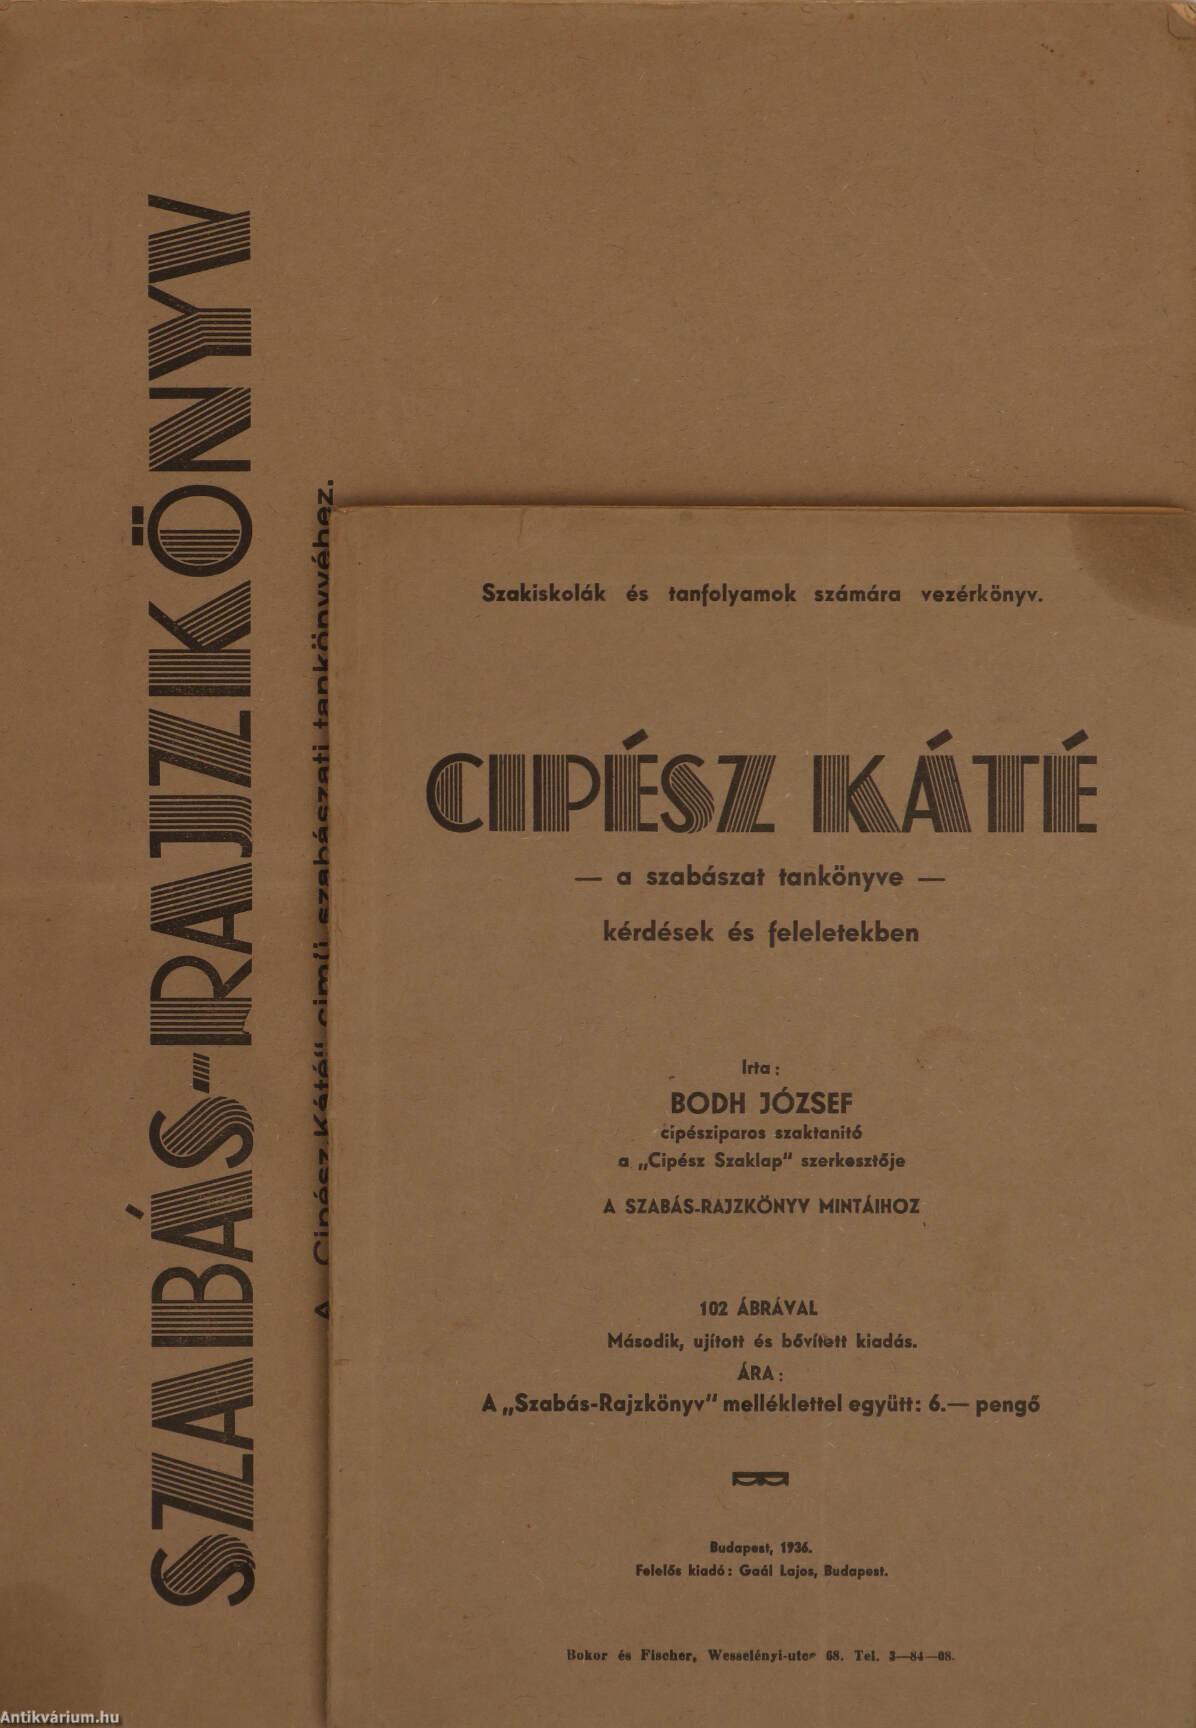 a3c3894d1d Balogh József: Cipész Káté/Szabás-Rajzkönyv (Gaál Lajos, 1936 ...